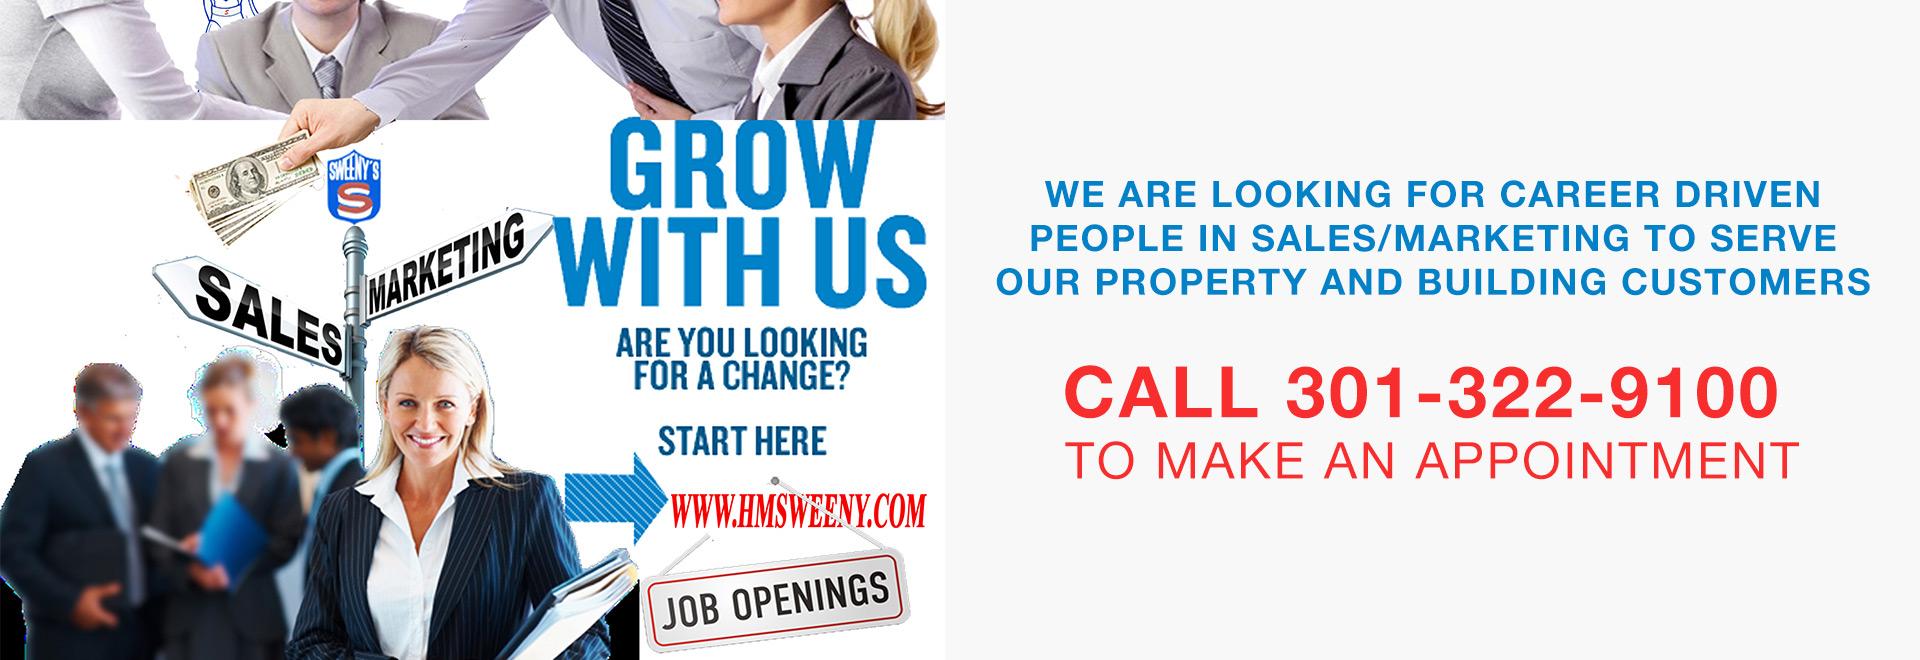 job_openings_2016b